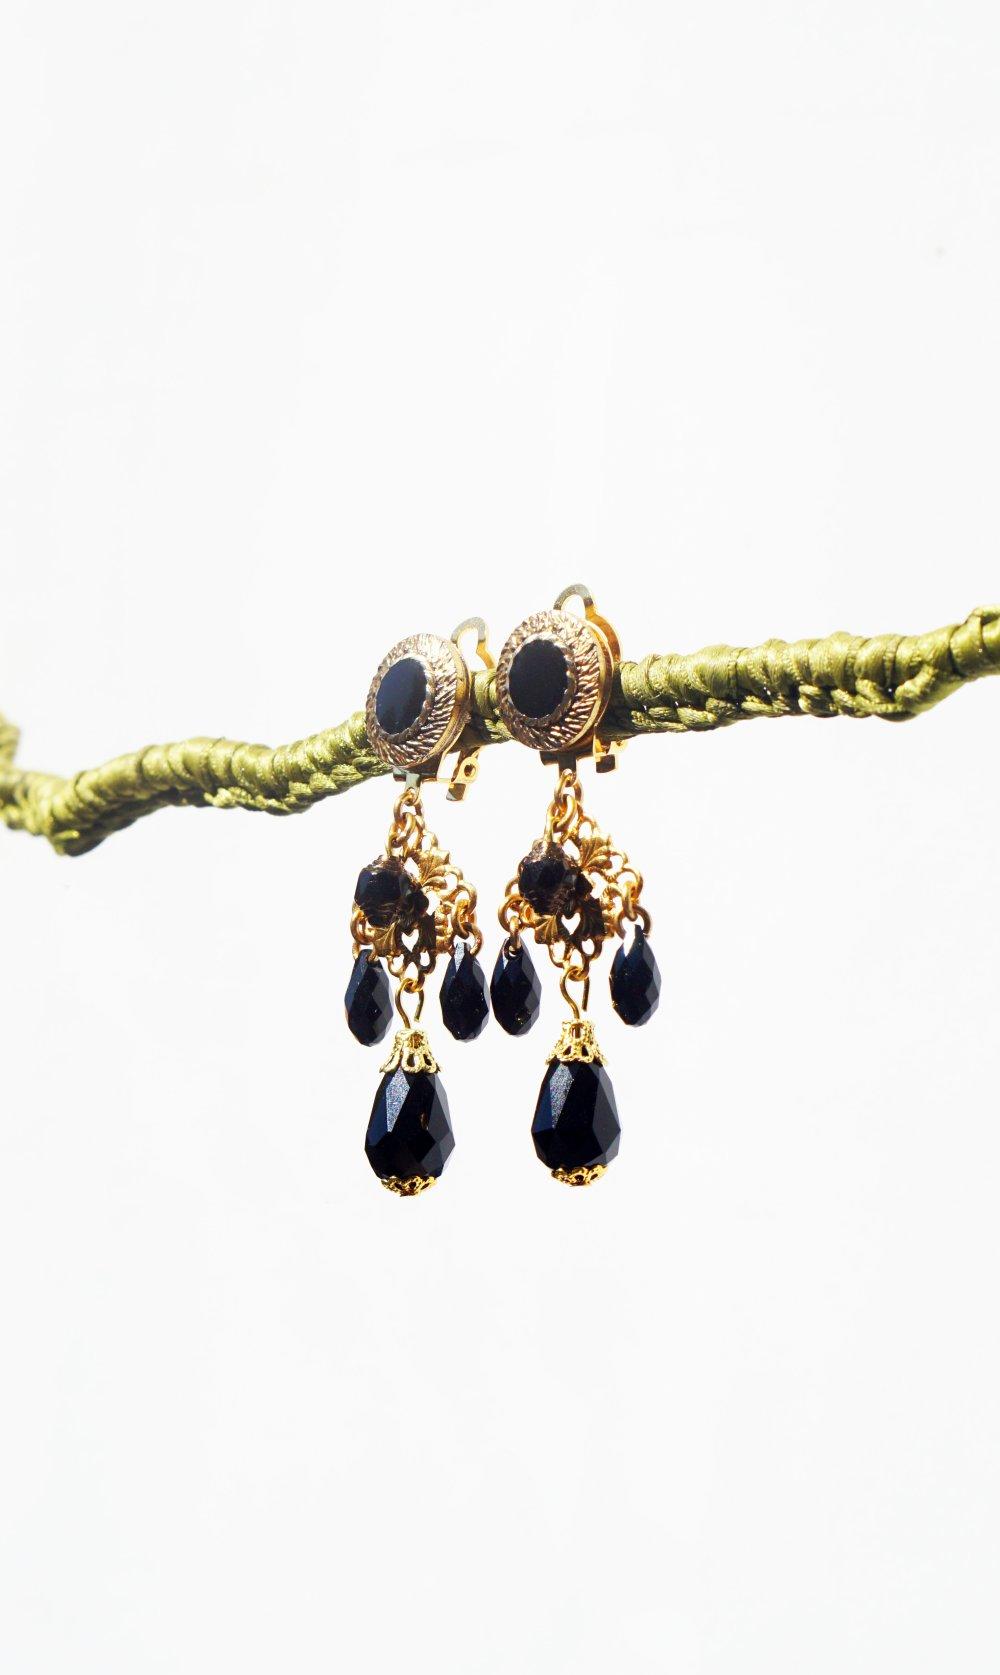 CLIPS Boucles d'oreilles Clip Noir & doré Goutte cristal Swarovski Bijoux Créateur Création Française fait main